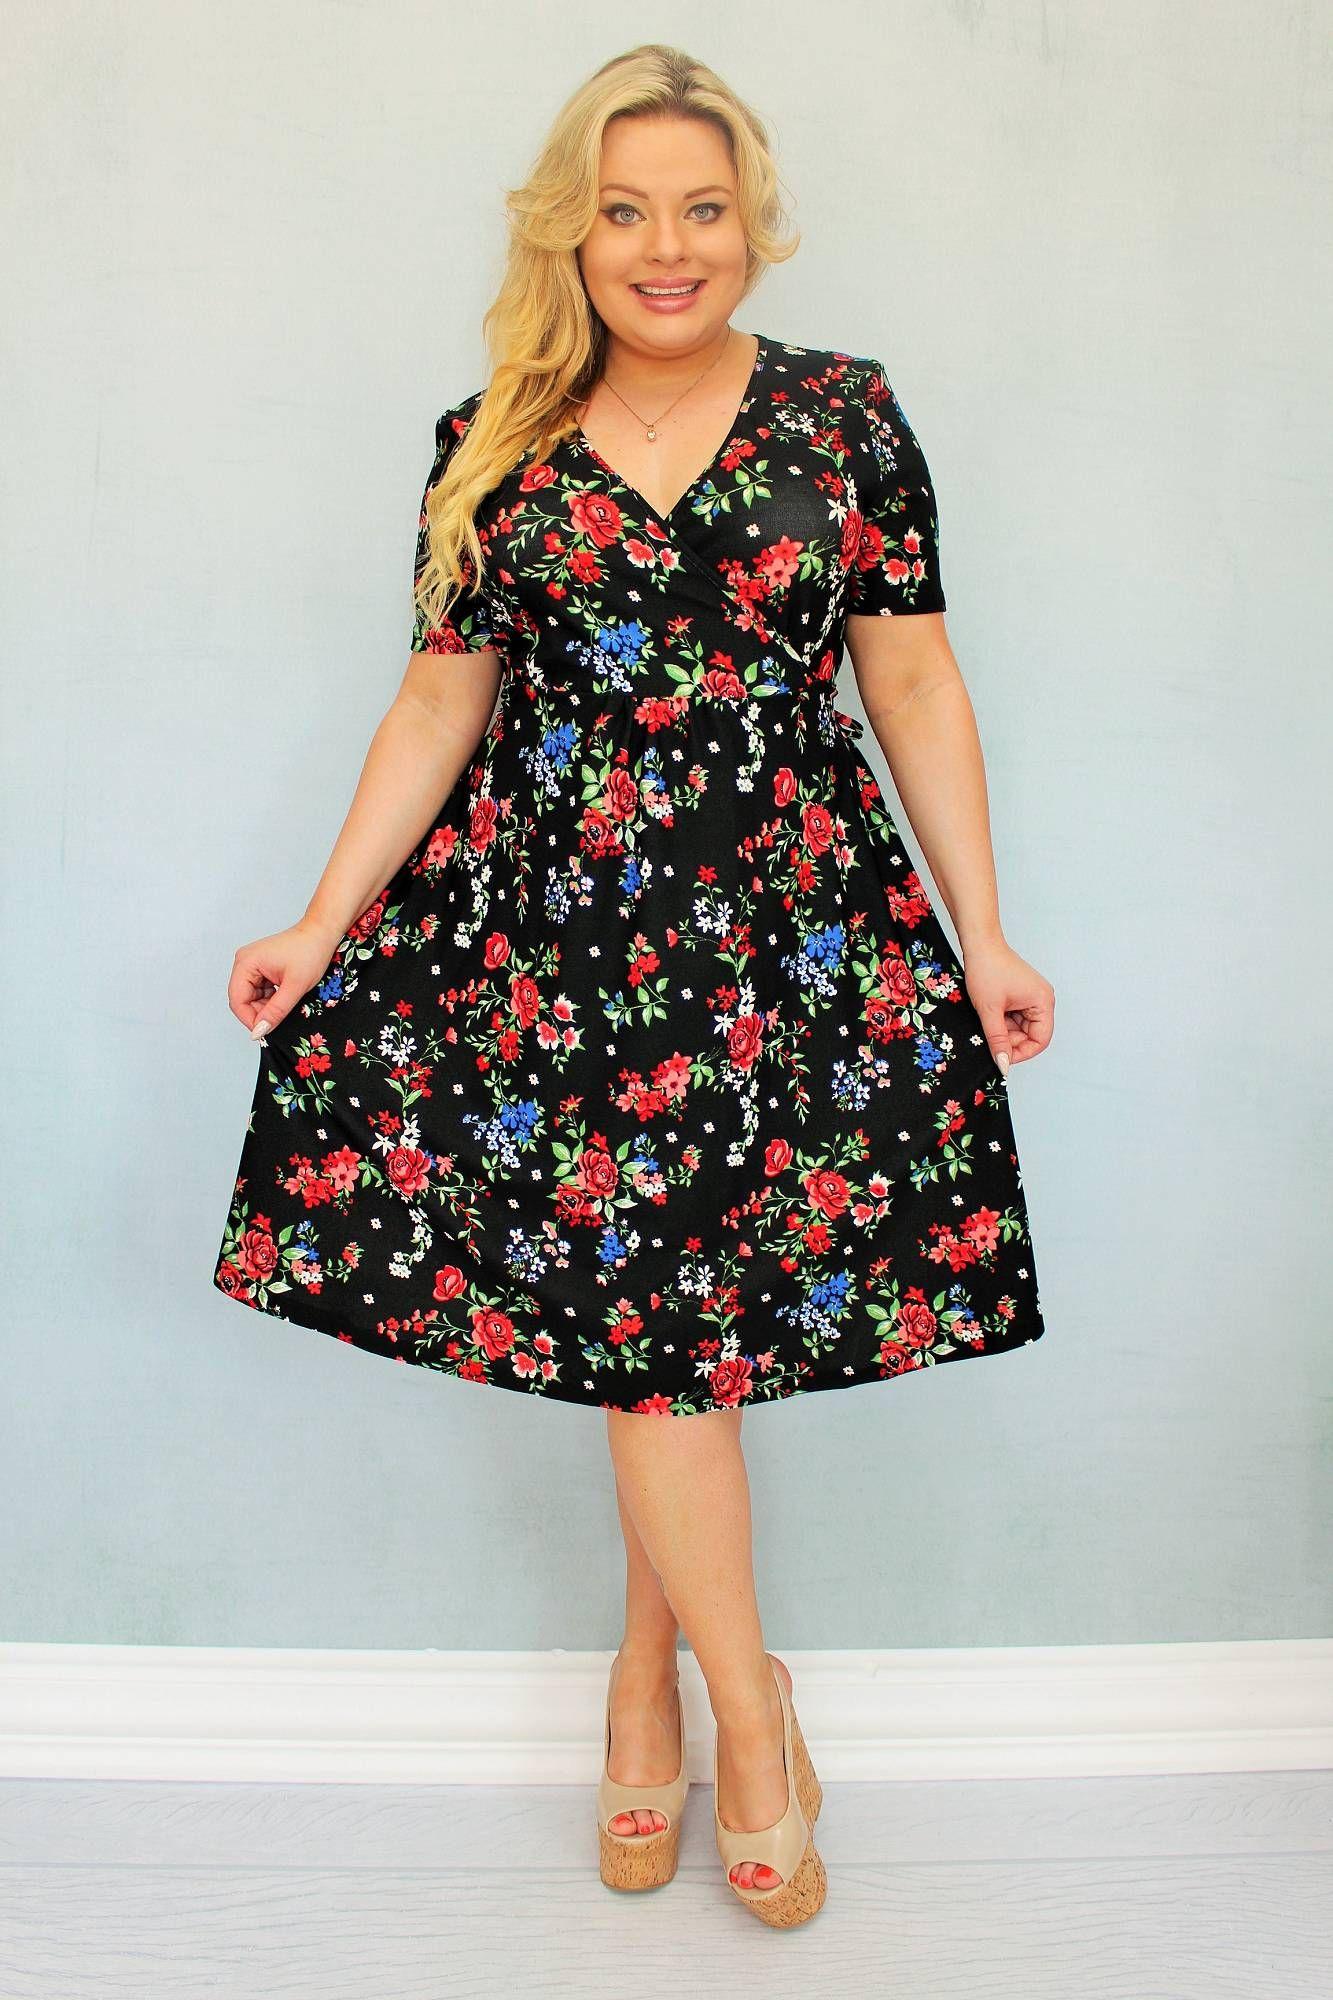 Sukienka Rebeka Kopertowa Dzianinowa Czarna W Kolorowe Kwiaty Sklep Internetowy Plus Size Dresses Fashion Casual